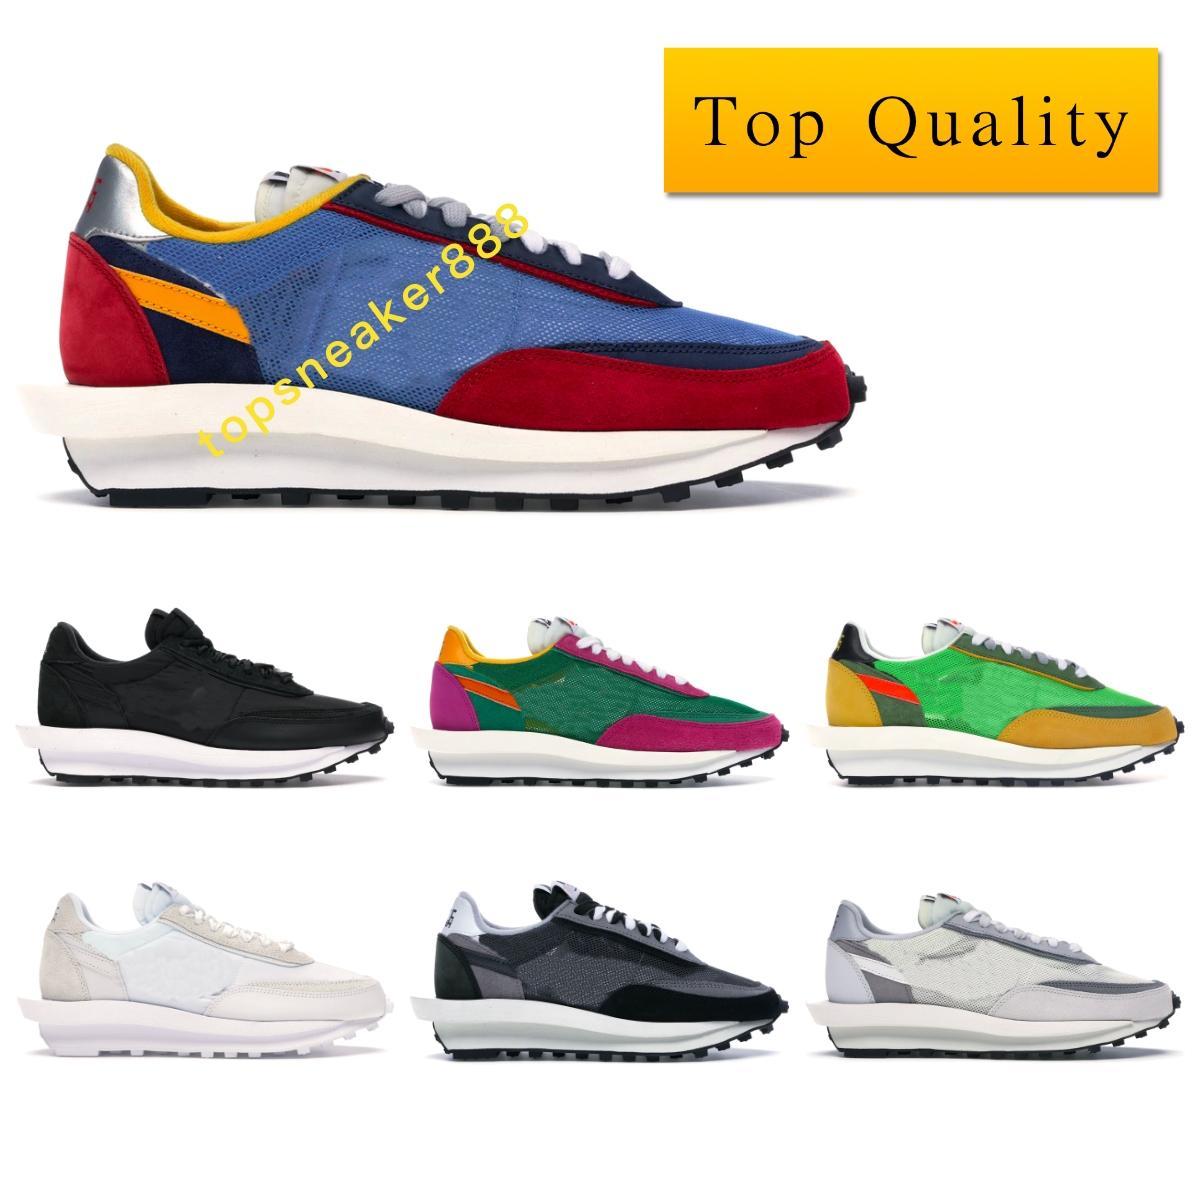 أعلى جودة شبكة رجل السببية أحذية LD جرين باين الأخضر موضوع متعدد الأزرق قمة أبيض أسود نايلون نايلون الأبيض